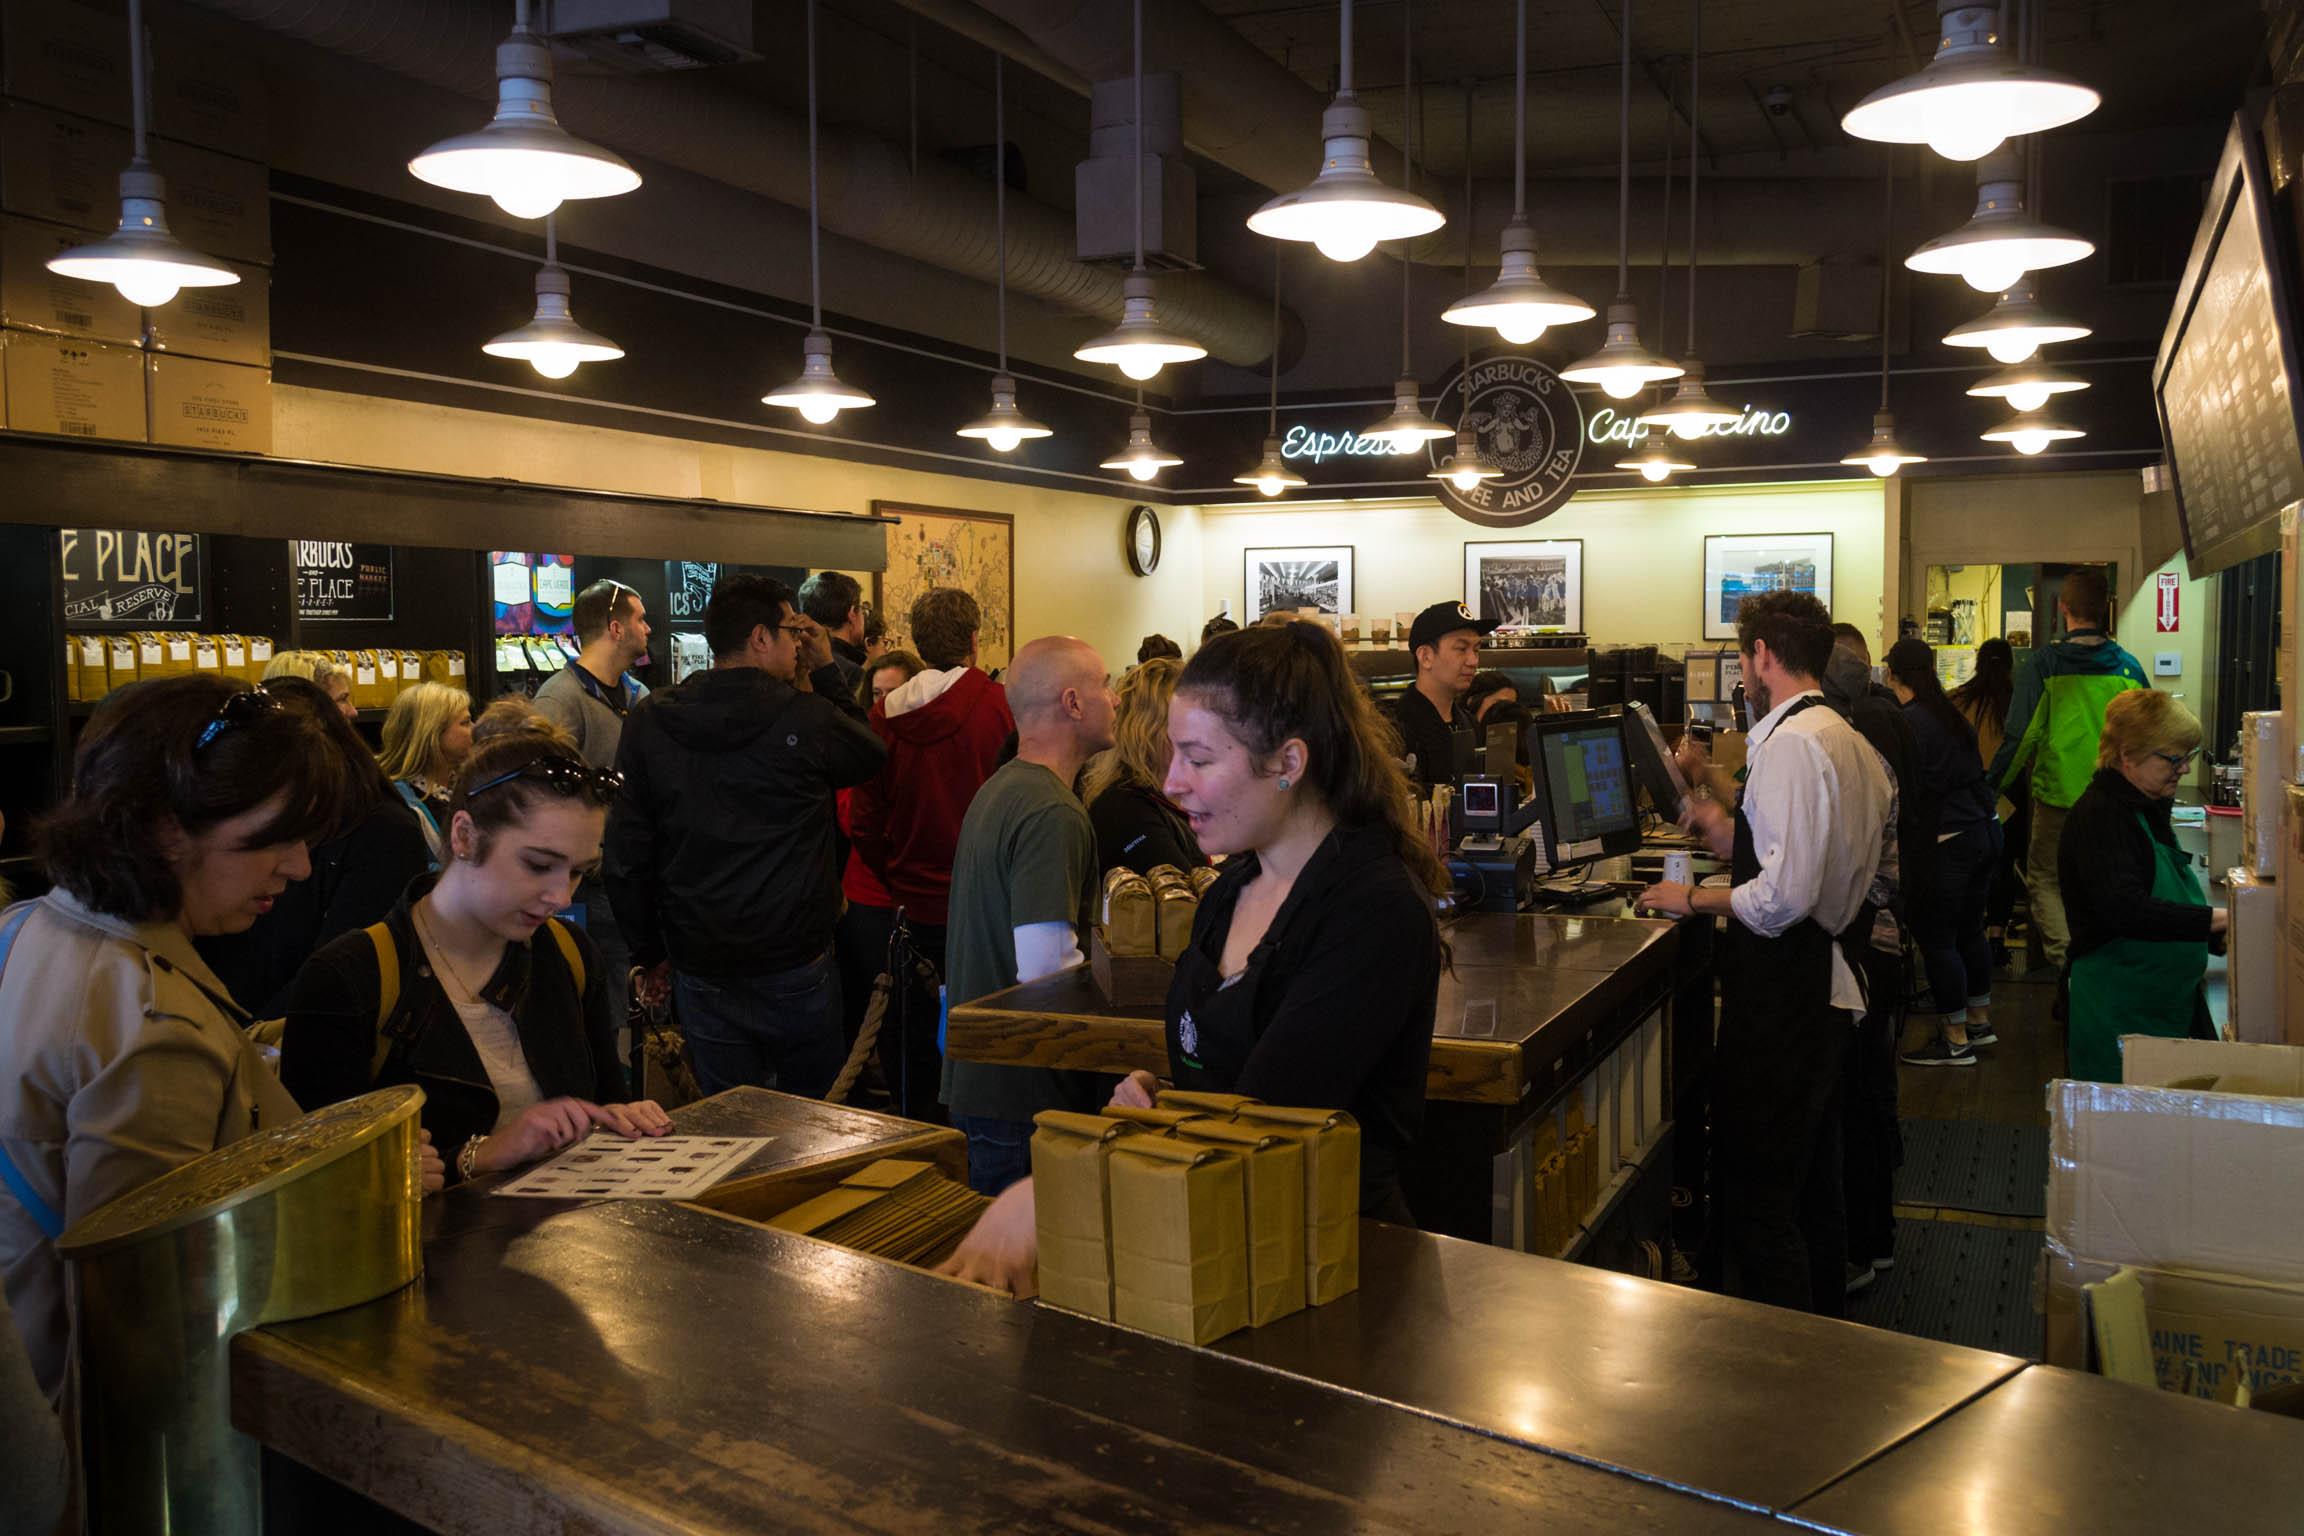 A l'intérieur du tout premier Starbucks